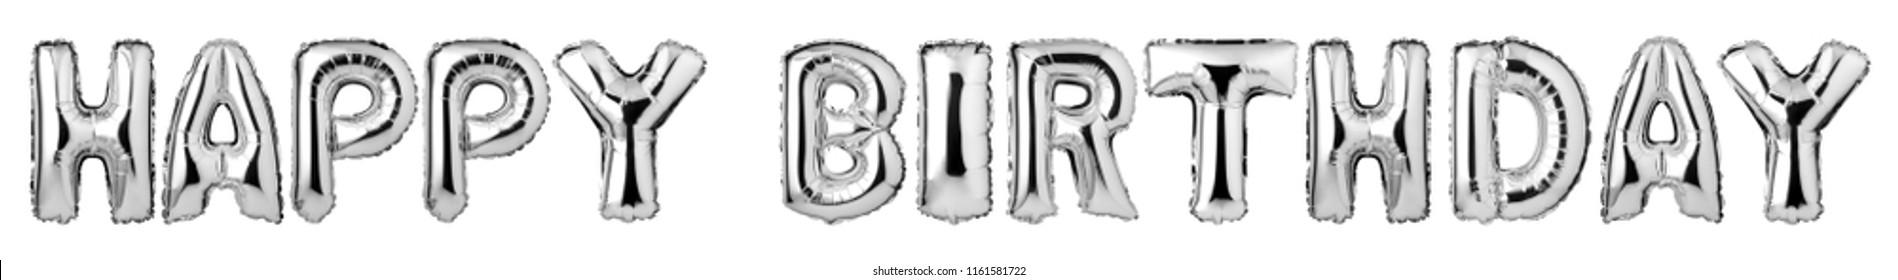 Letras mayúsculas HAPPY BIRTHDAY de globos plateados